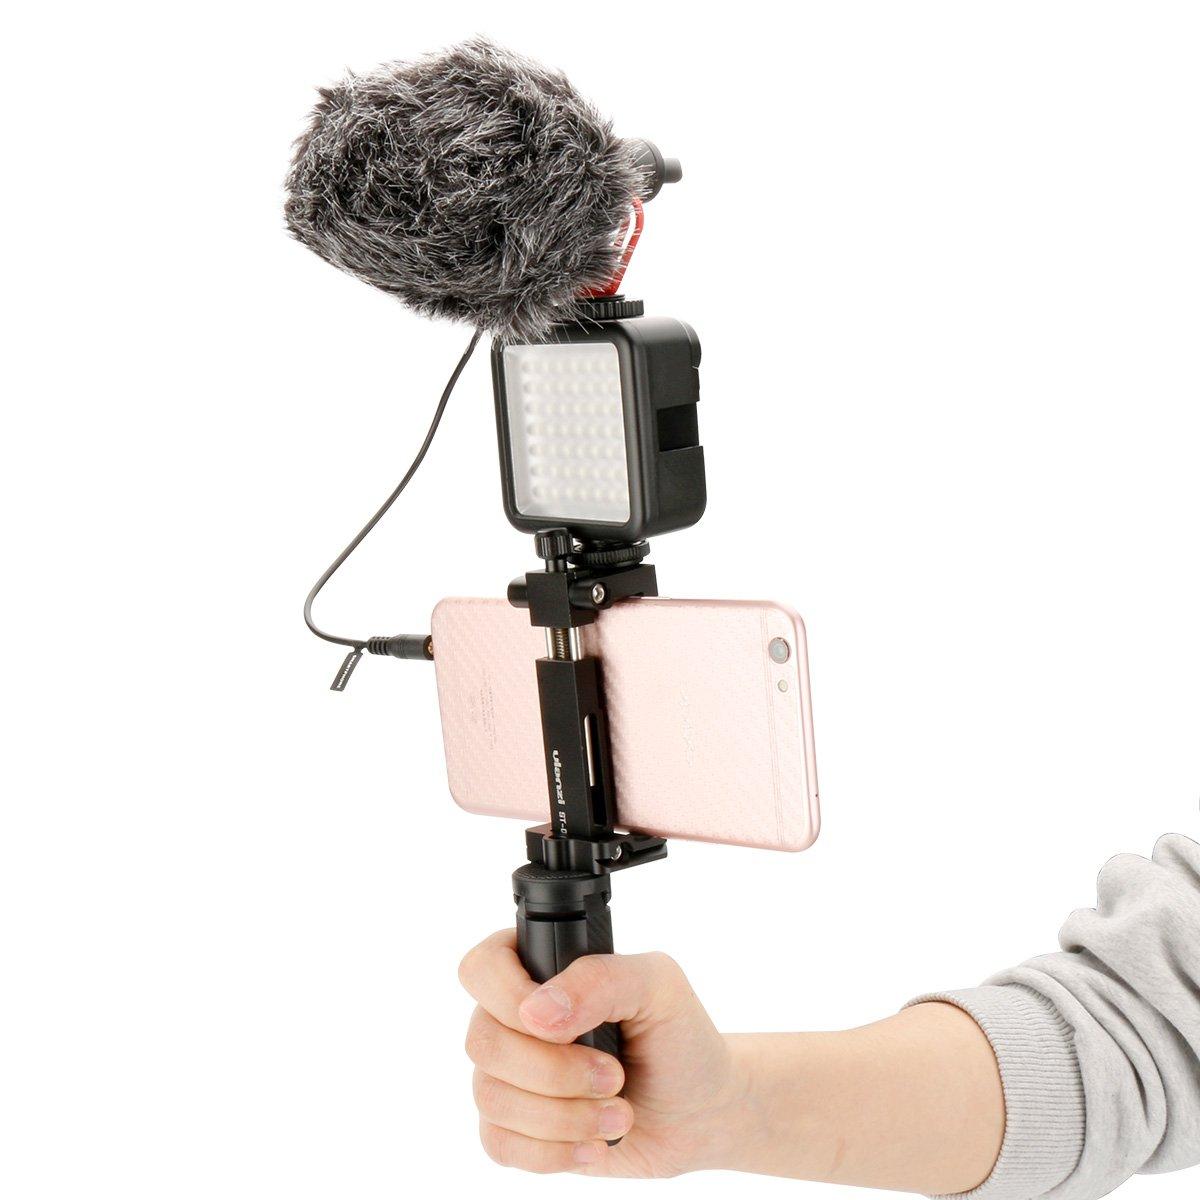 Wildhooy compatibile con Custodia protettiva V2 Custodia Vlogging Supporto gabbia telaio con microfono da Supporto adattatore scarpa fredda Compatibile per GoPro 7 6 5 Accessori per action camera